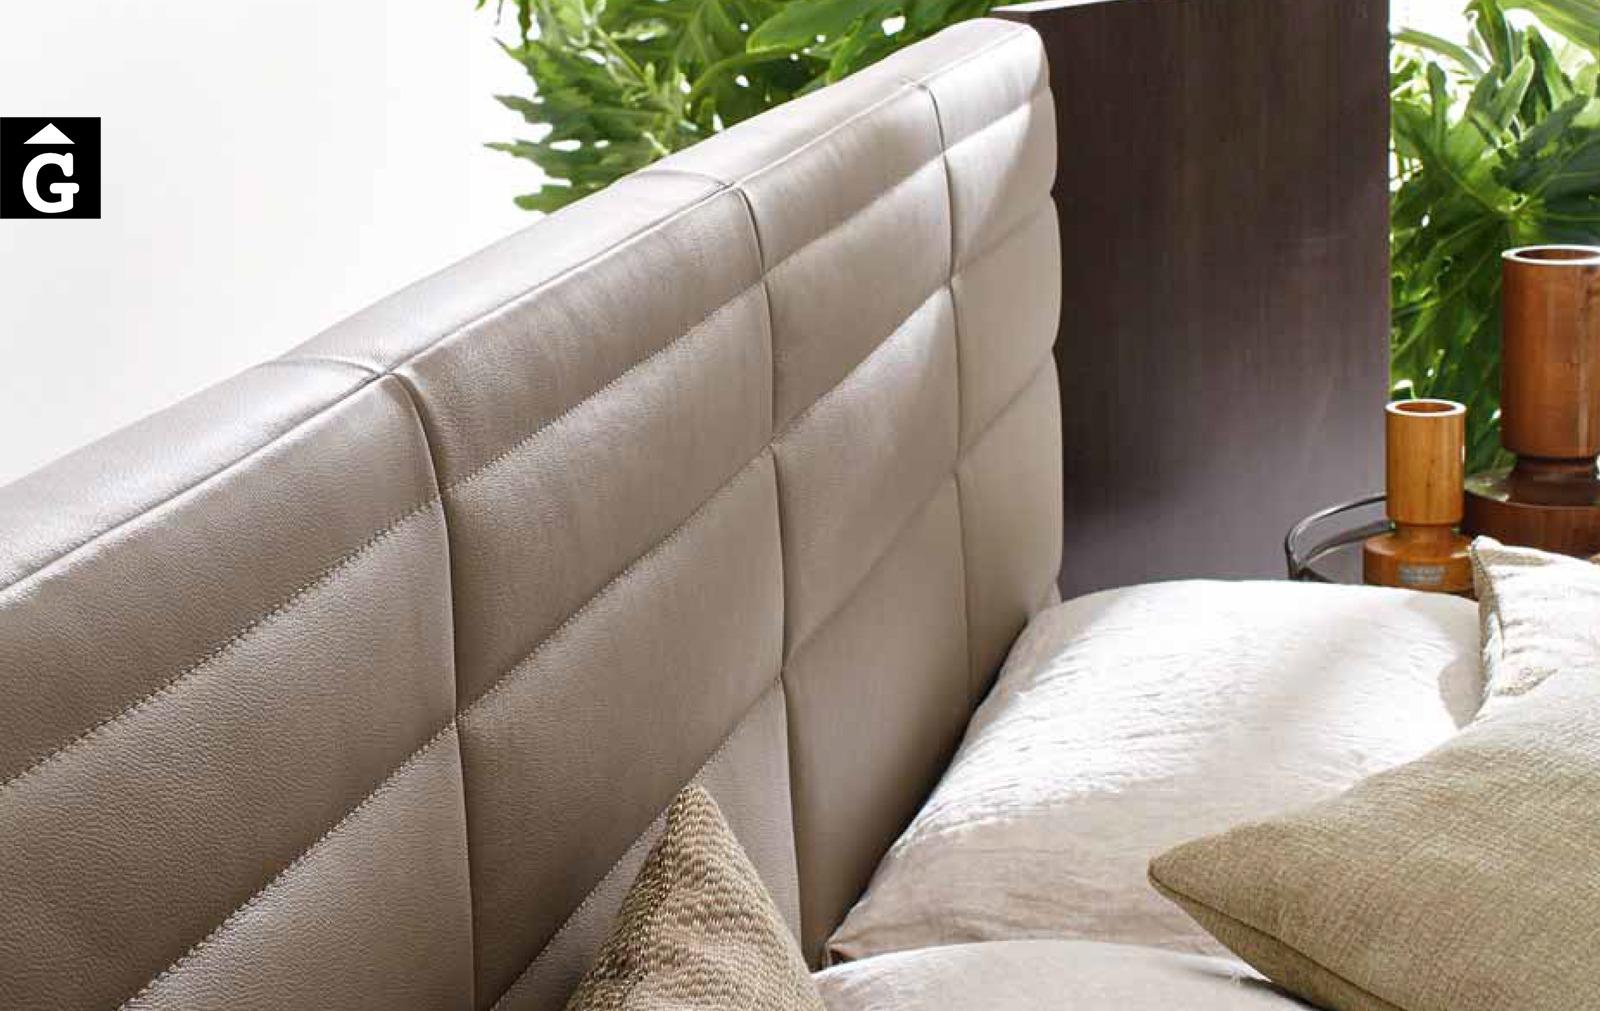 34 0 Grandangolo detall capçal entapissat – Ditre Italia llits entapissats disseny i qualitat alta by mobles Gifreu